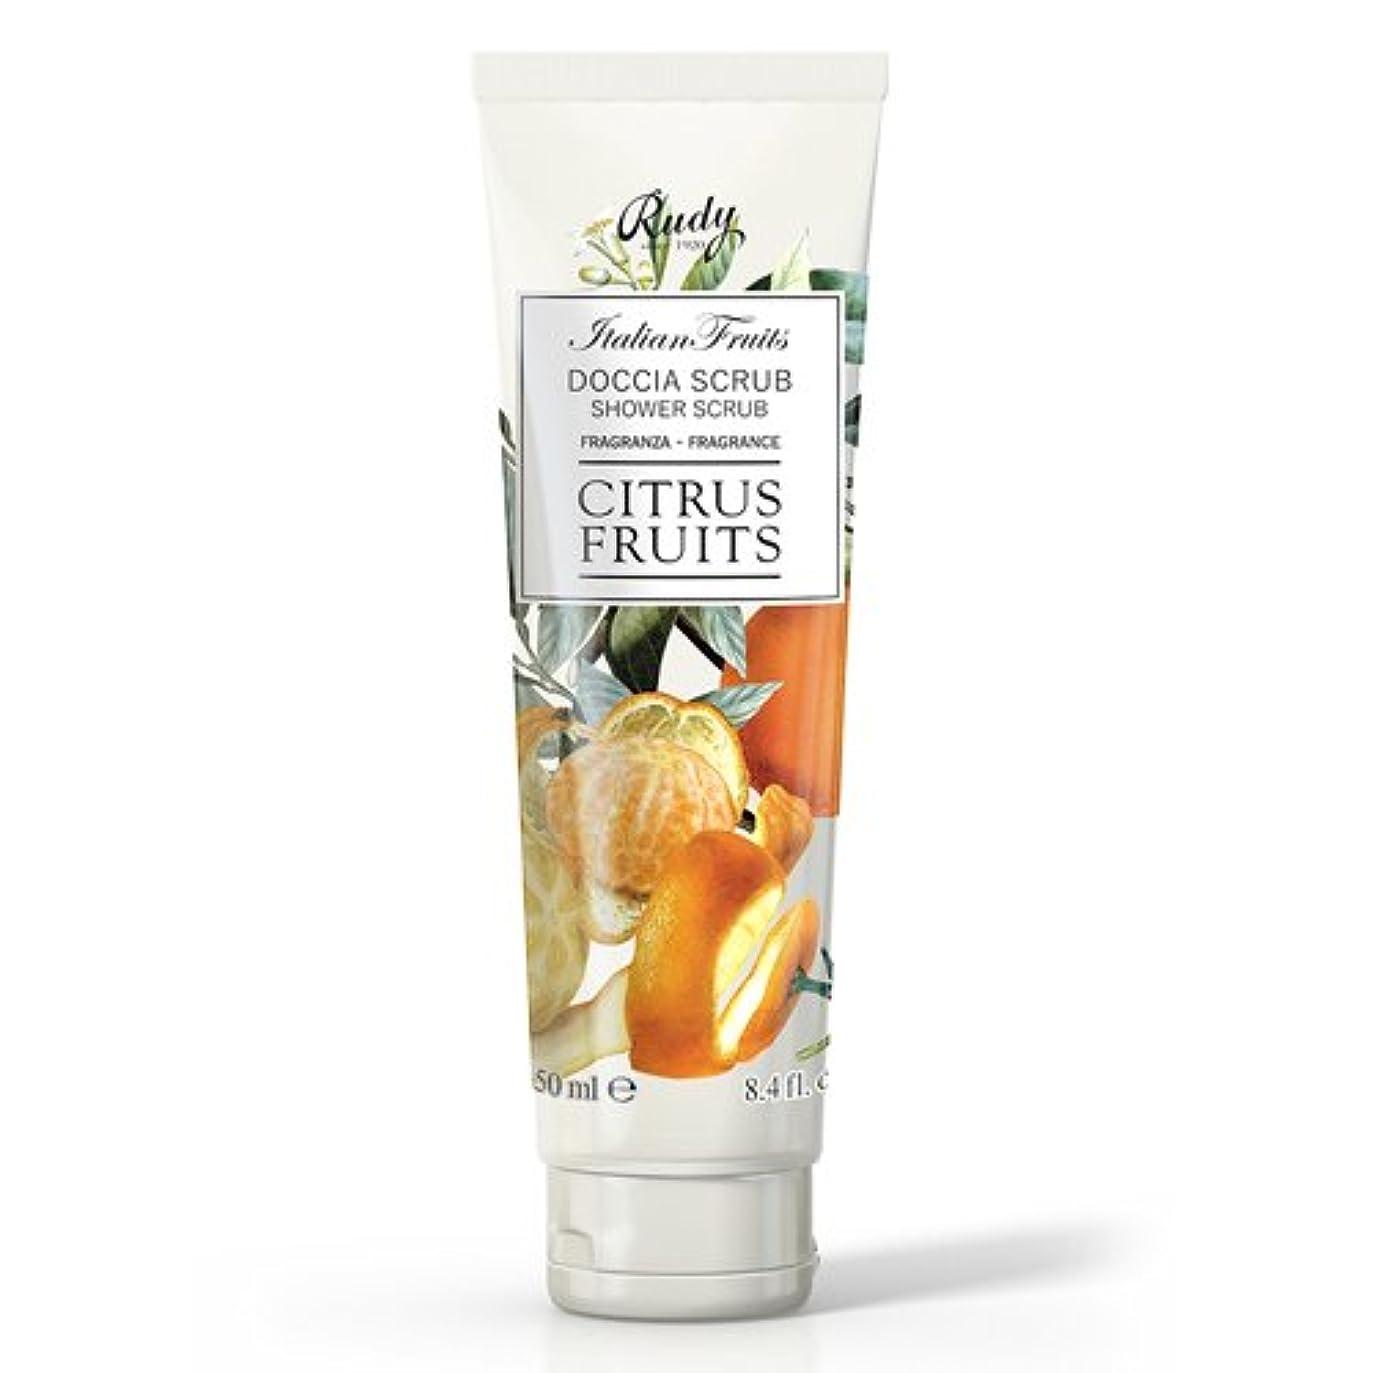 確執責任者我慢するRUDY Italian Fruits Series ルディ イタリアンフルーツ Shower Scrub シャワースクラブ Citrus Fruits